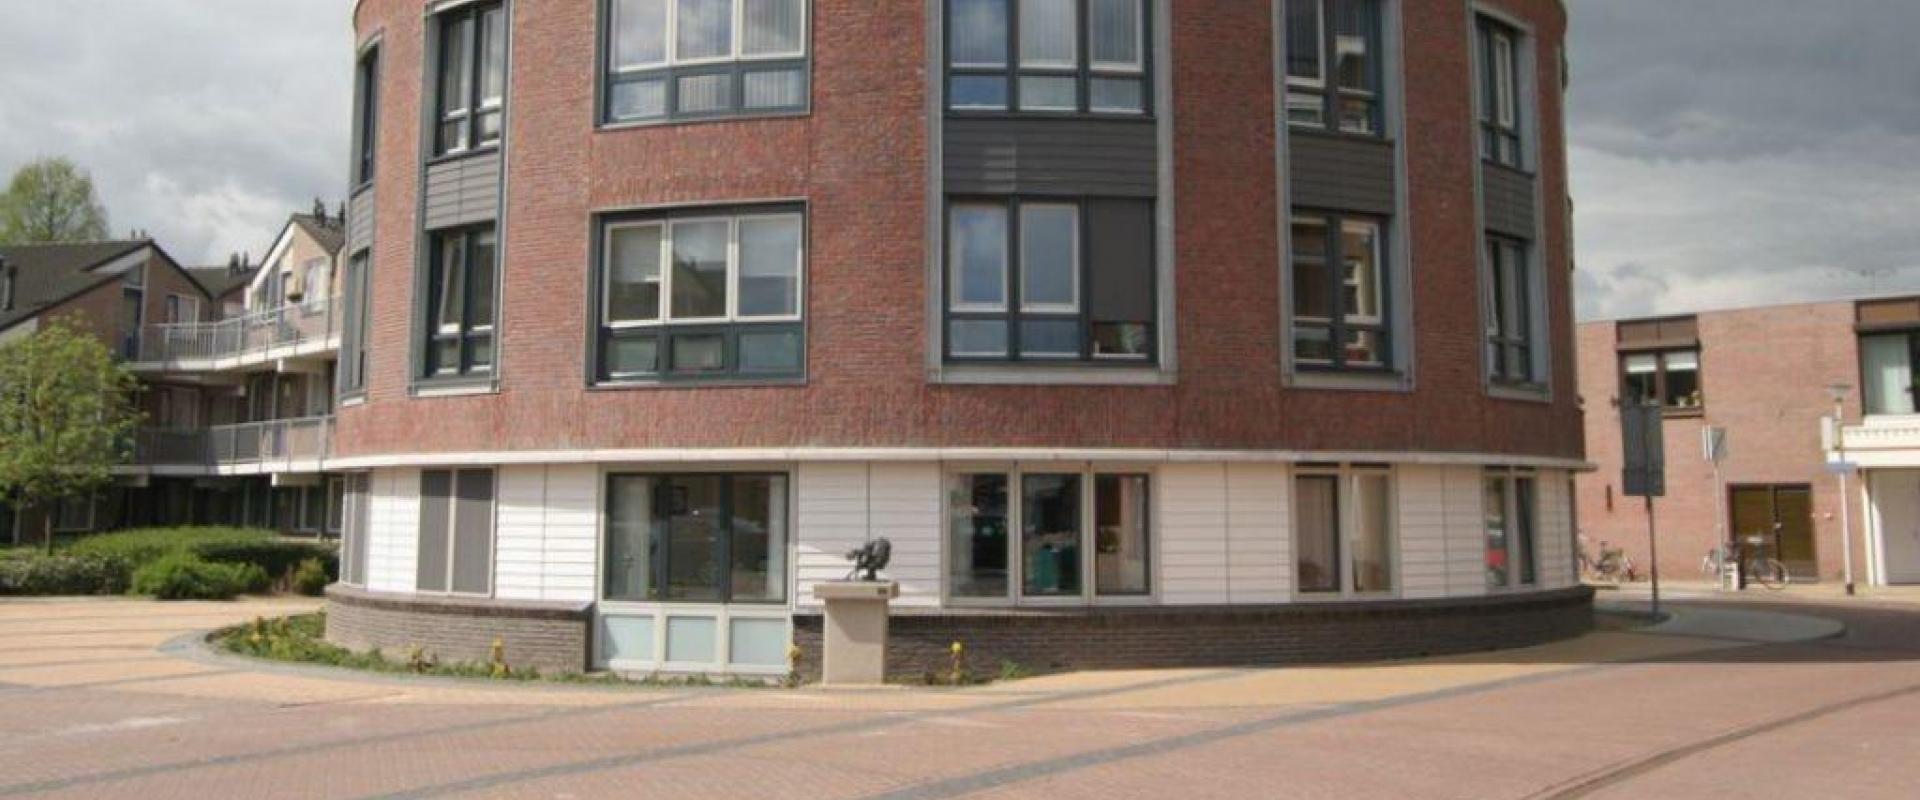 Schipperdouwesarchitectuur Swwe Binnenhof Wierden 3